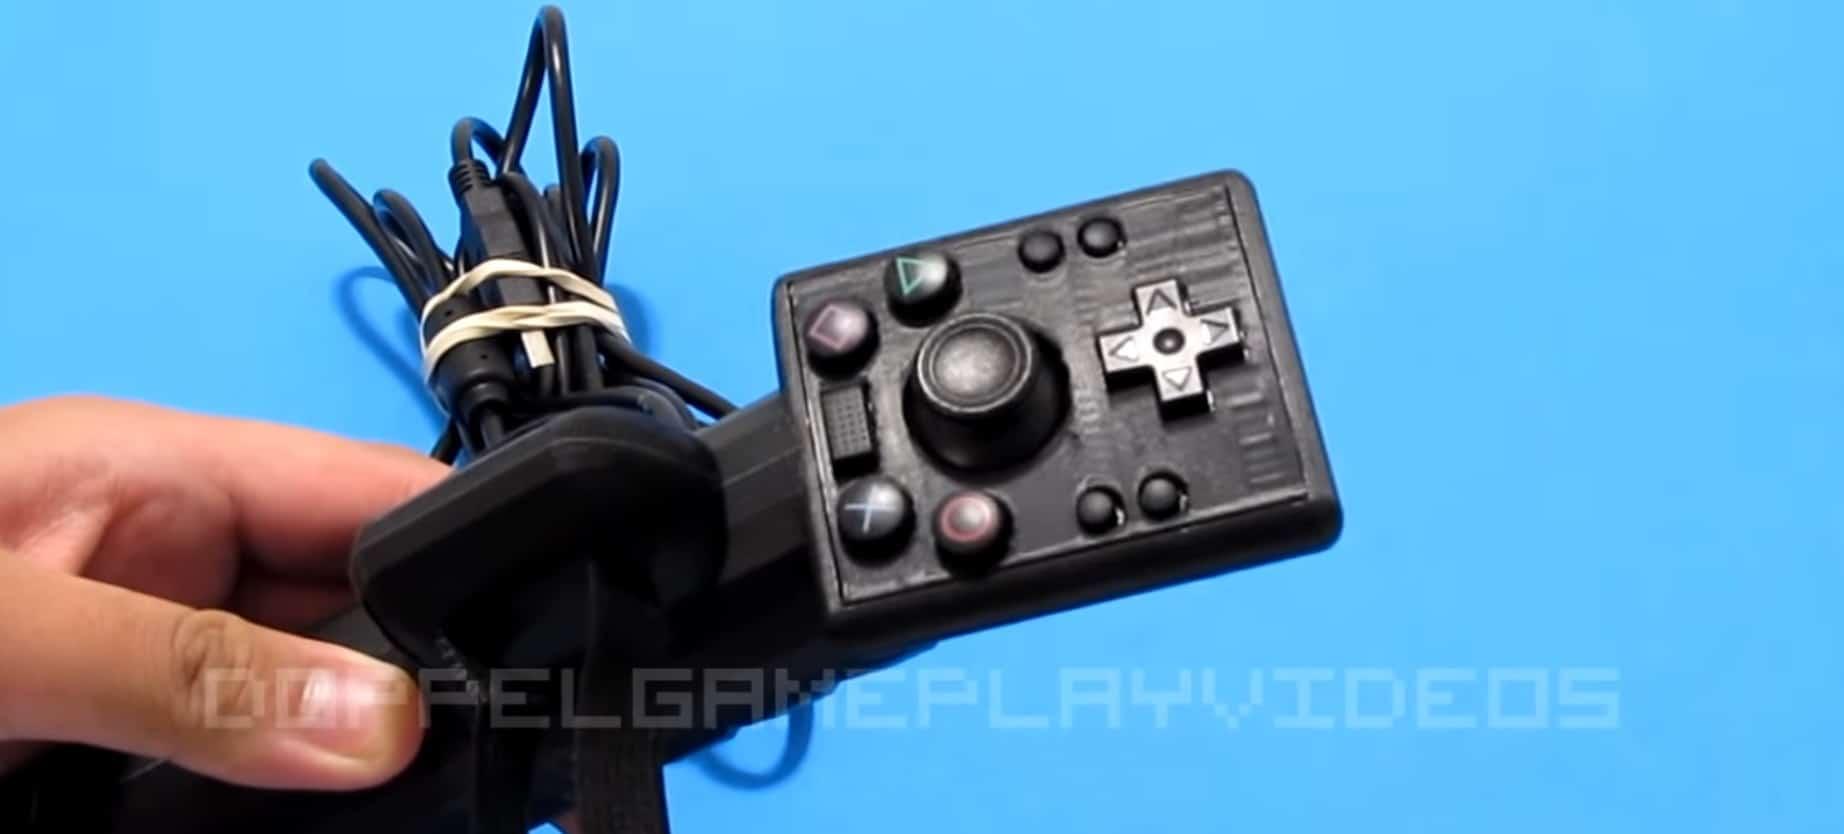 PS4 Einhand-Controller: Gamepad für eingeschränkte Spieler